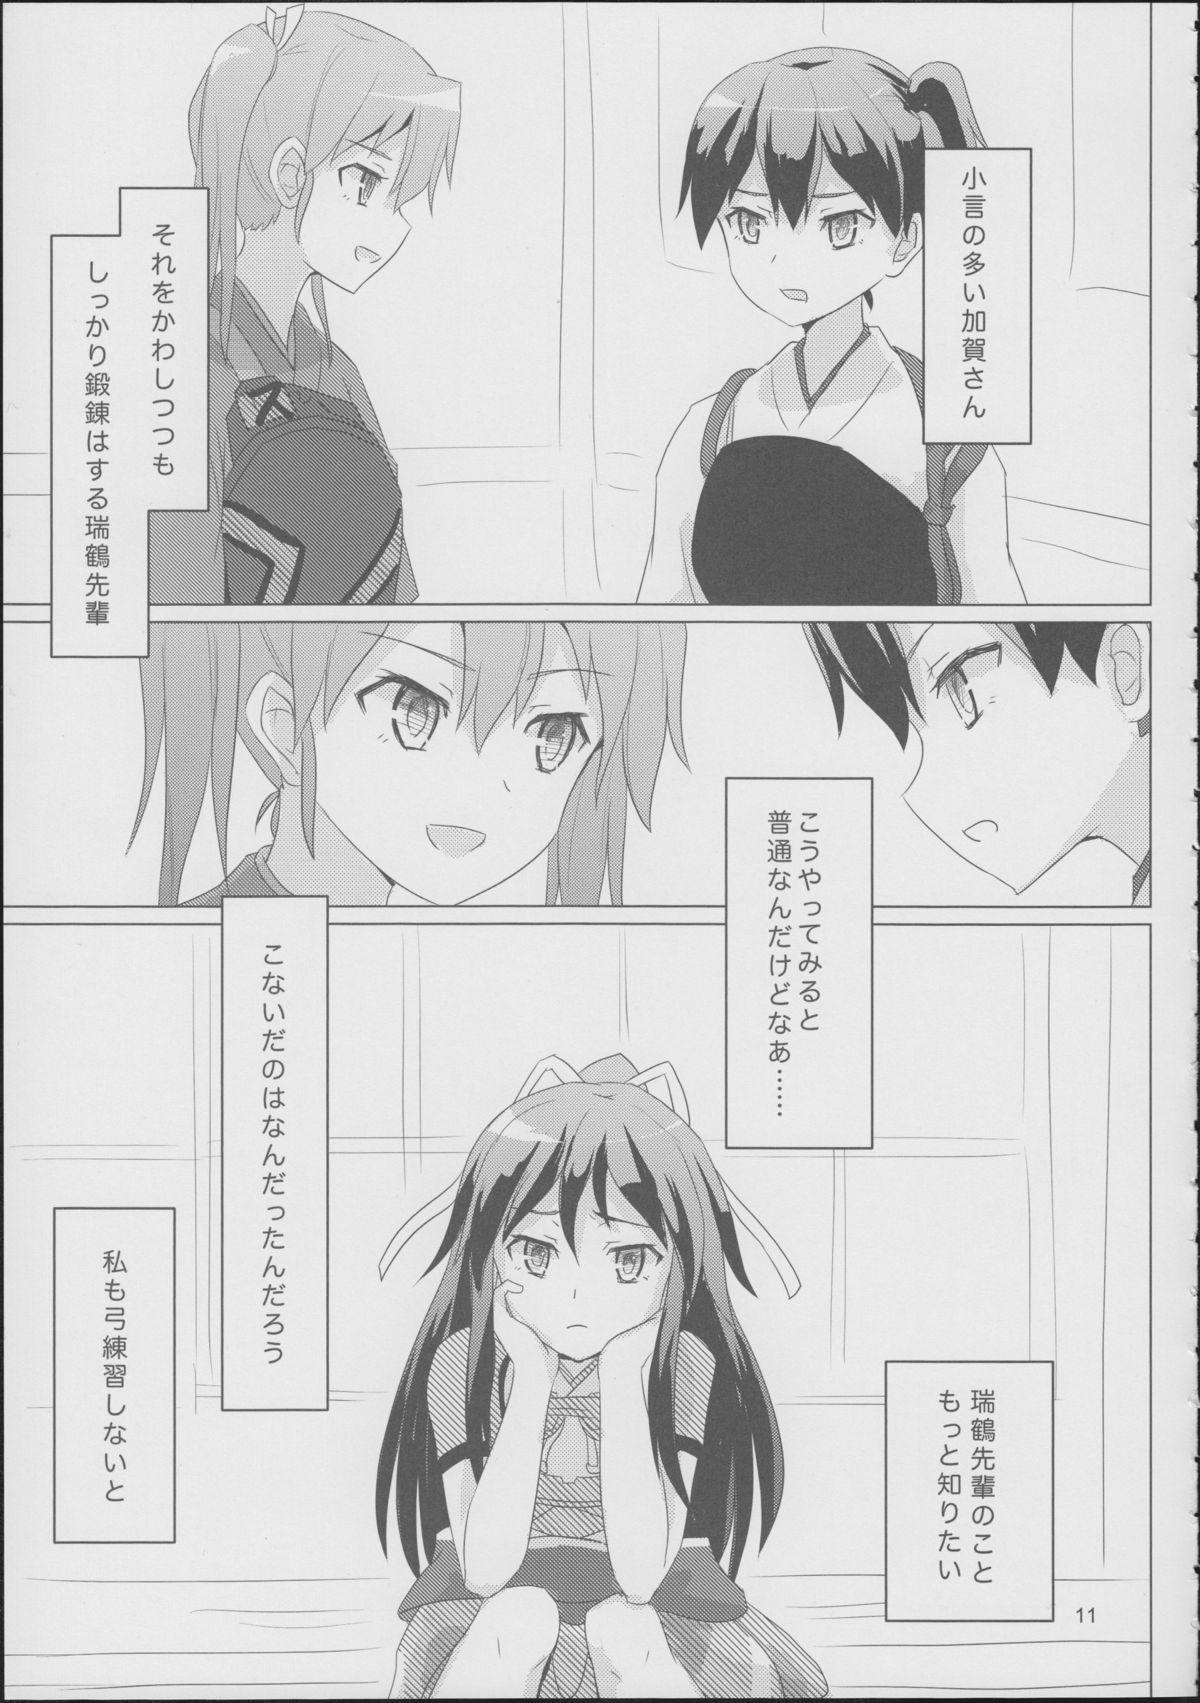 Katsuragi to Zuikaku to 9